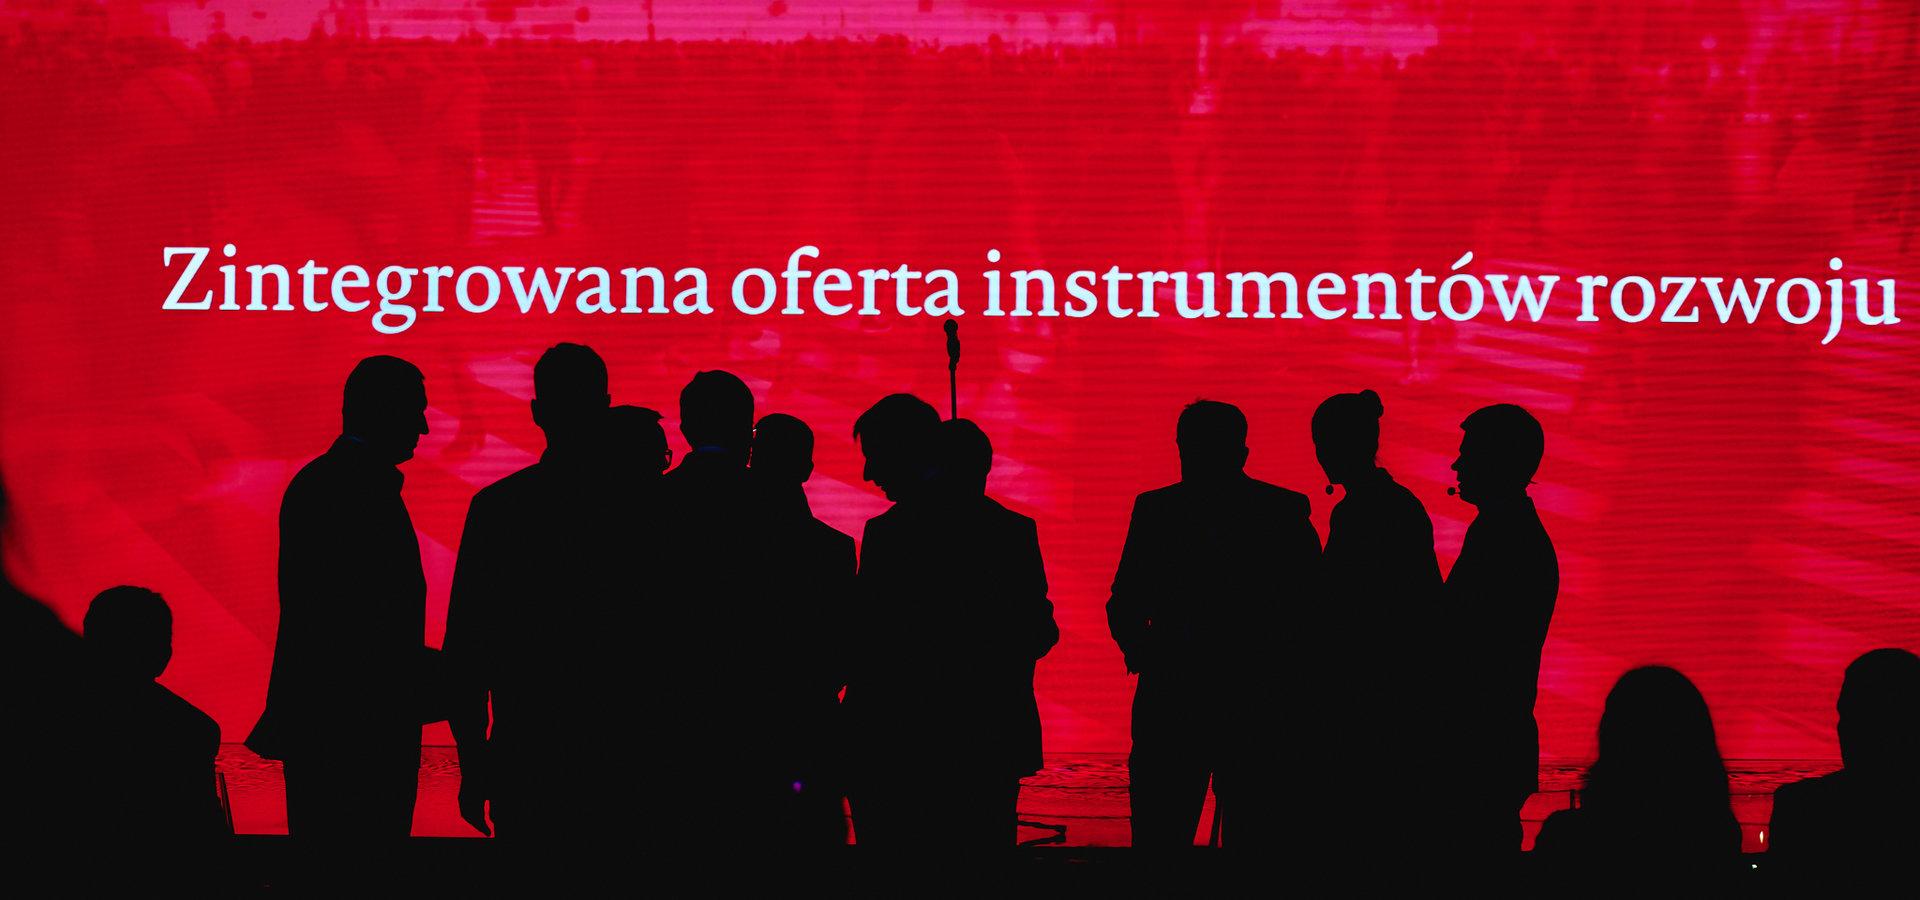 Polski Fundusz Rozwoju stworzył nową architekturę instrumentów rozwoju dla przedsiębiorców, samorządów i klientów indywidualnych